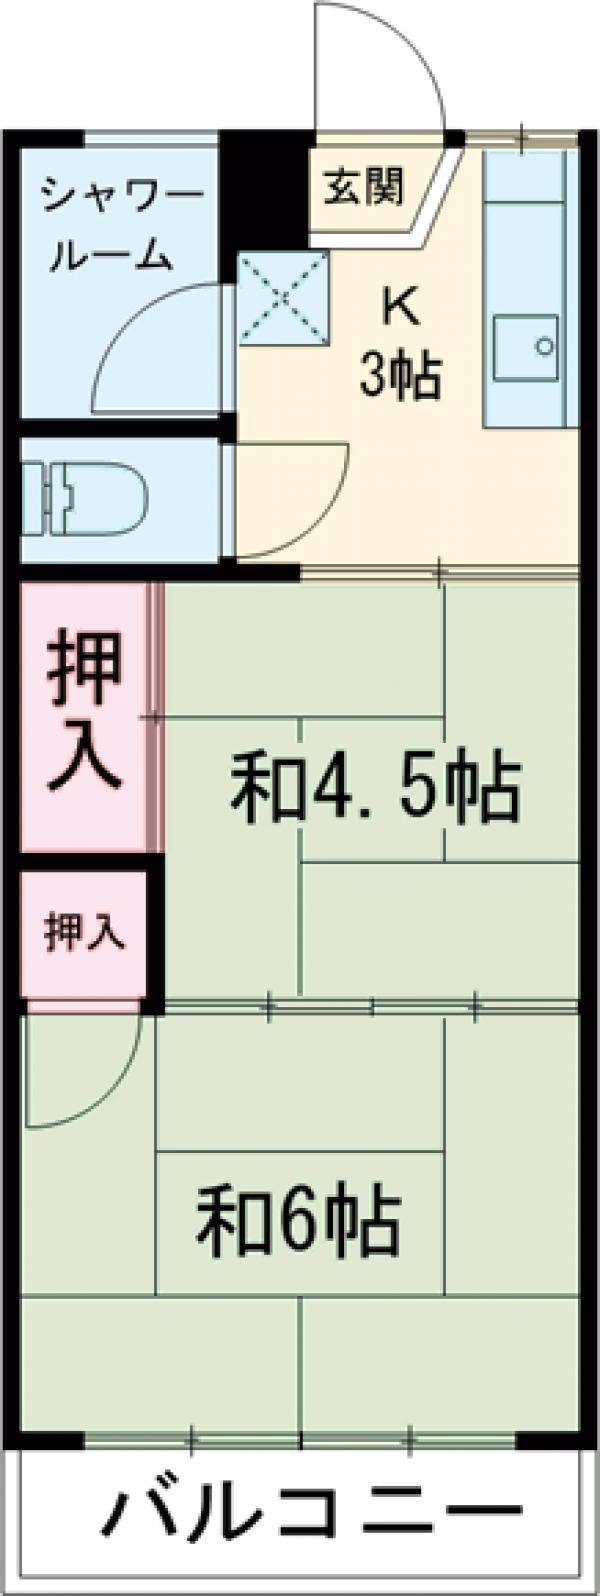 第二大信マンション 305号室の間取り